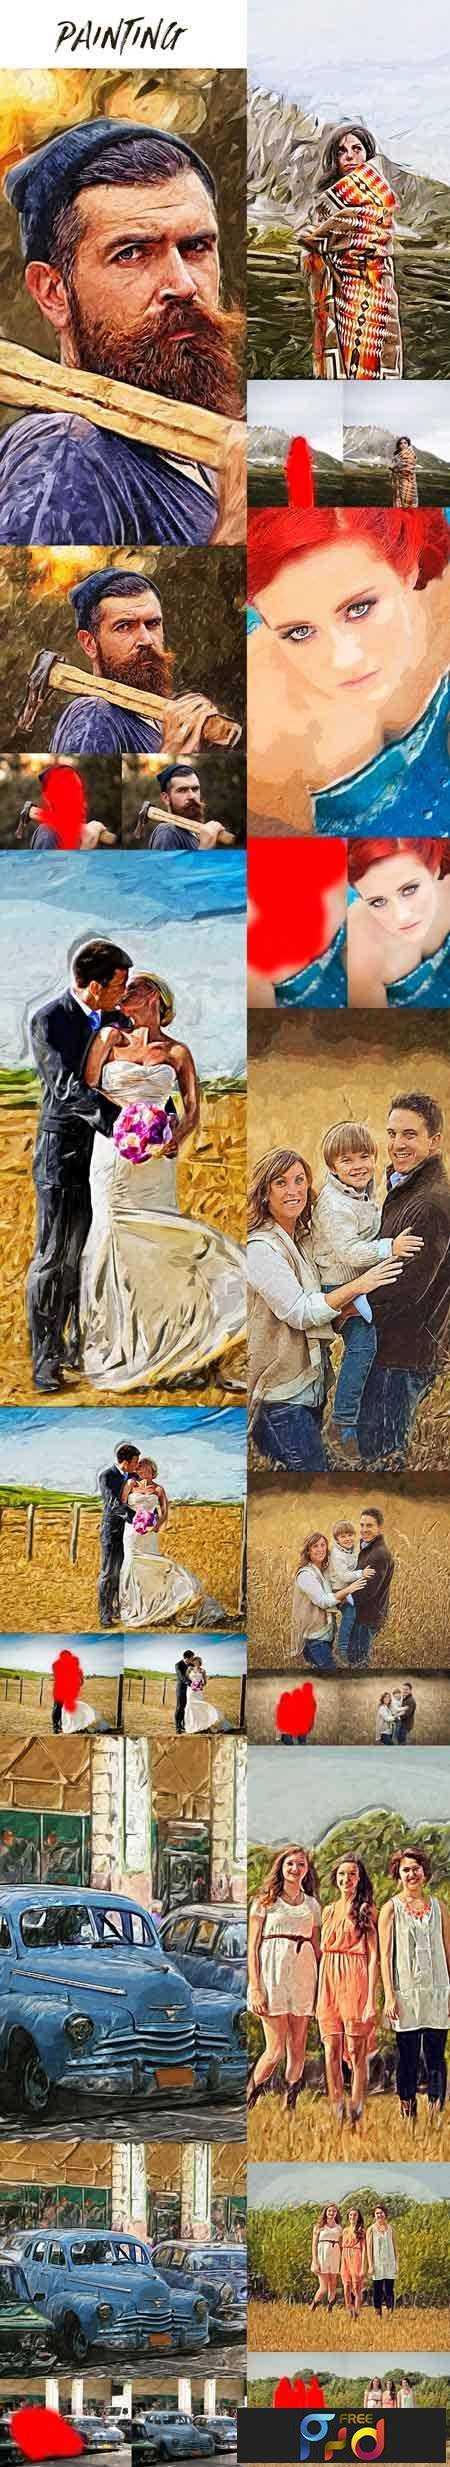 freepsdvn-com_1469642107_painting-efect-17029677